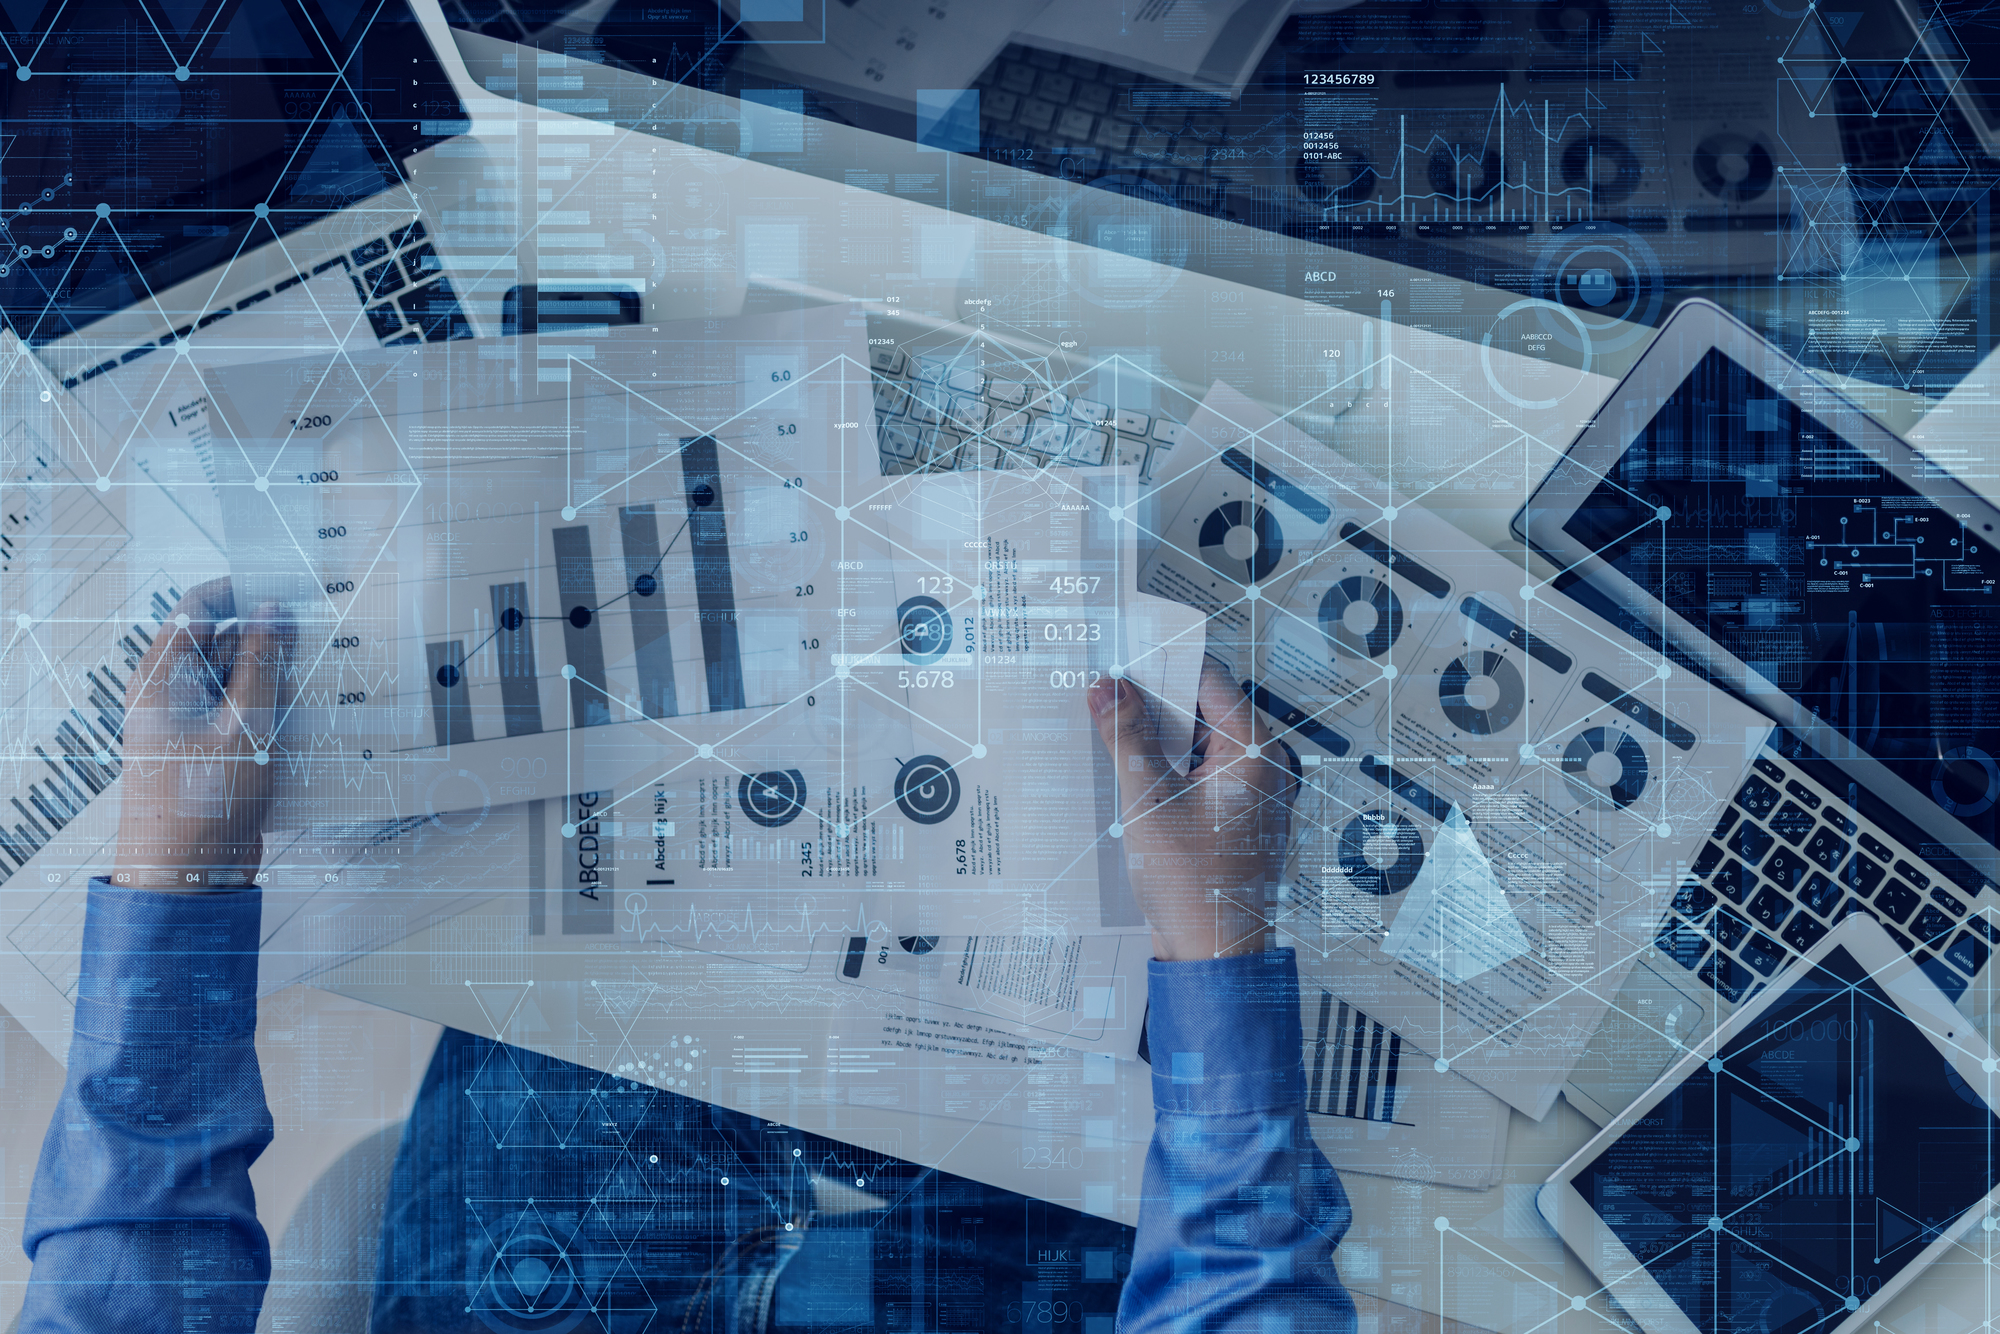 未経験でもデータアナリストに転職できる?転職方法を徹底解説!